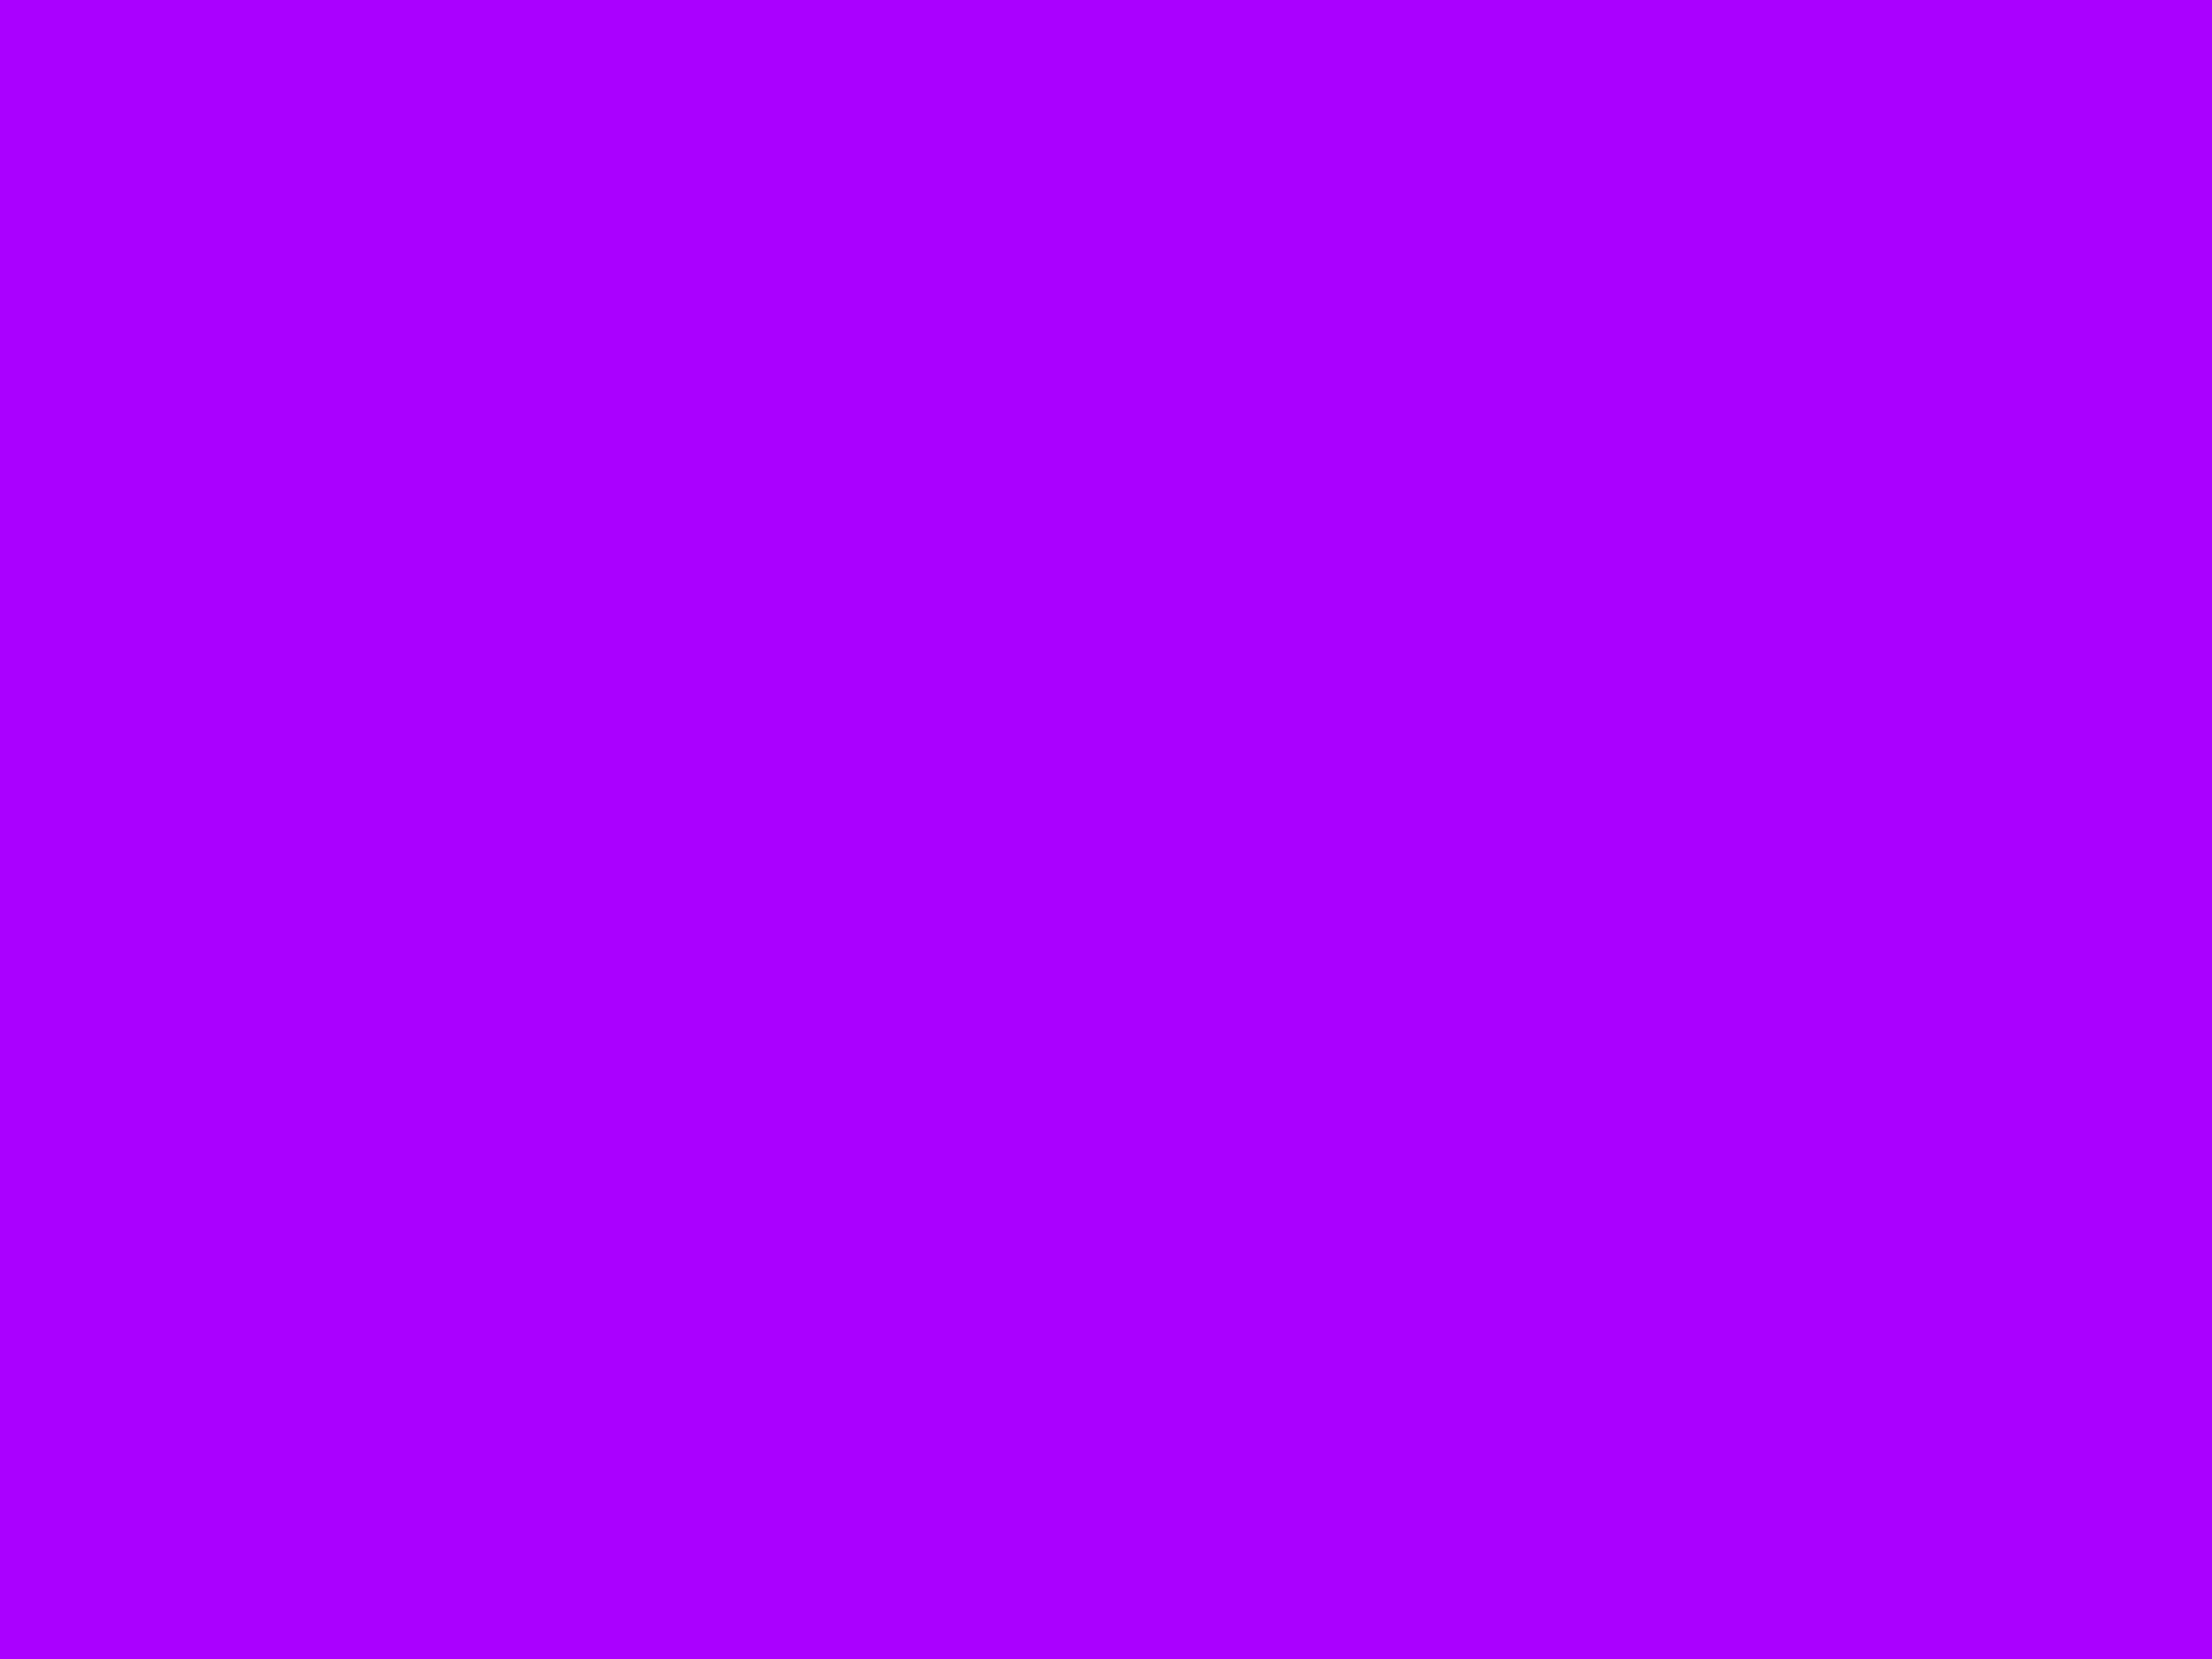 violett. Black Bedroom Furniture Sets. Home Design Ideas